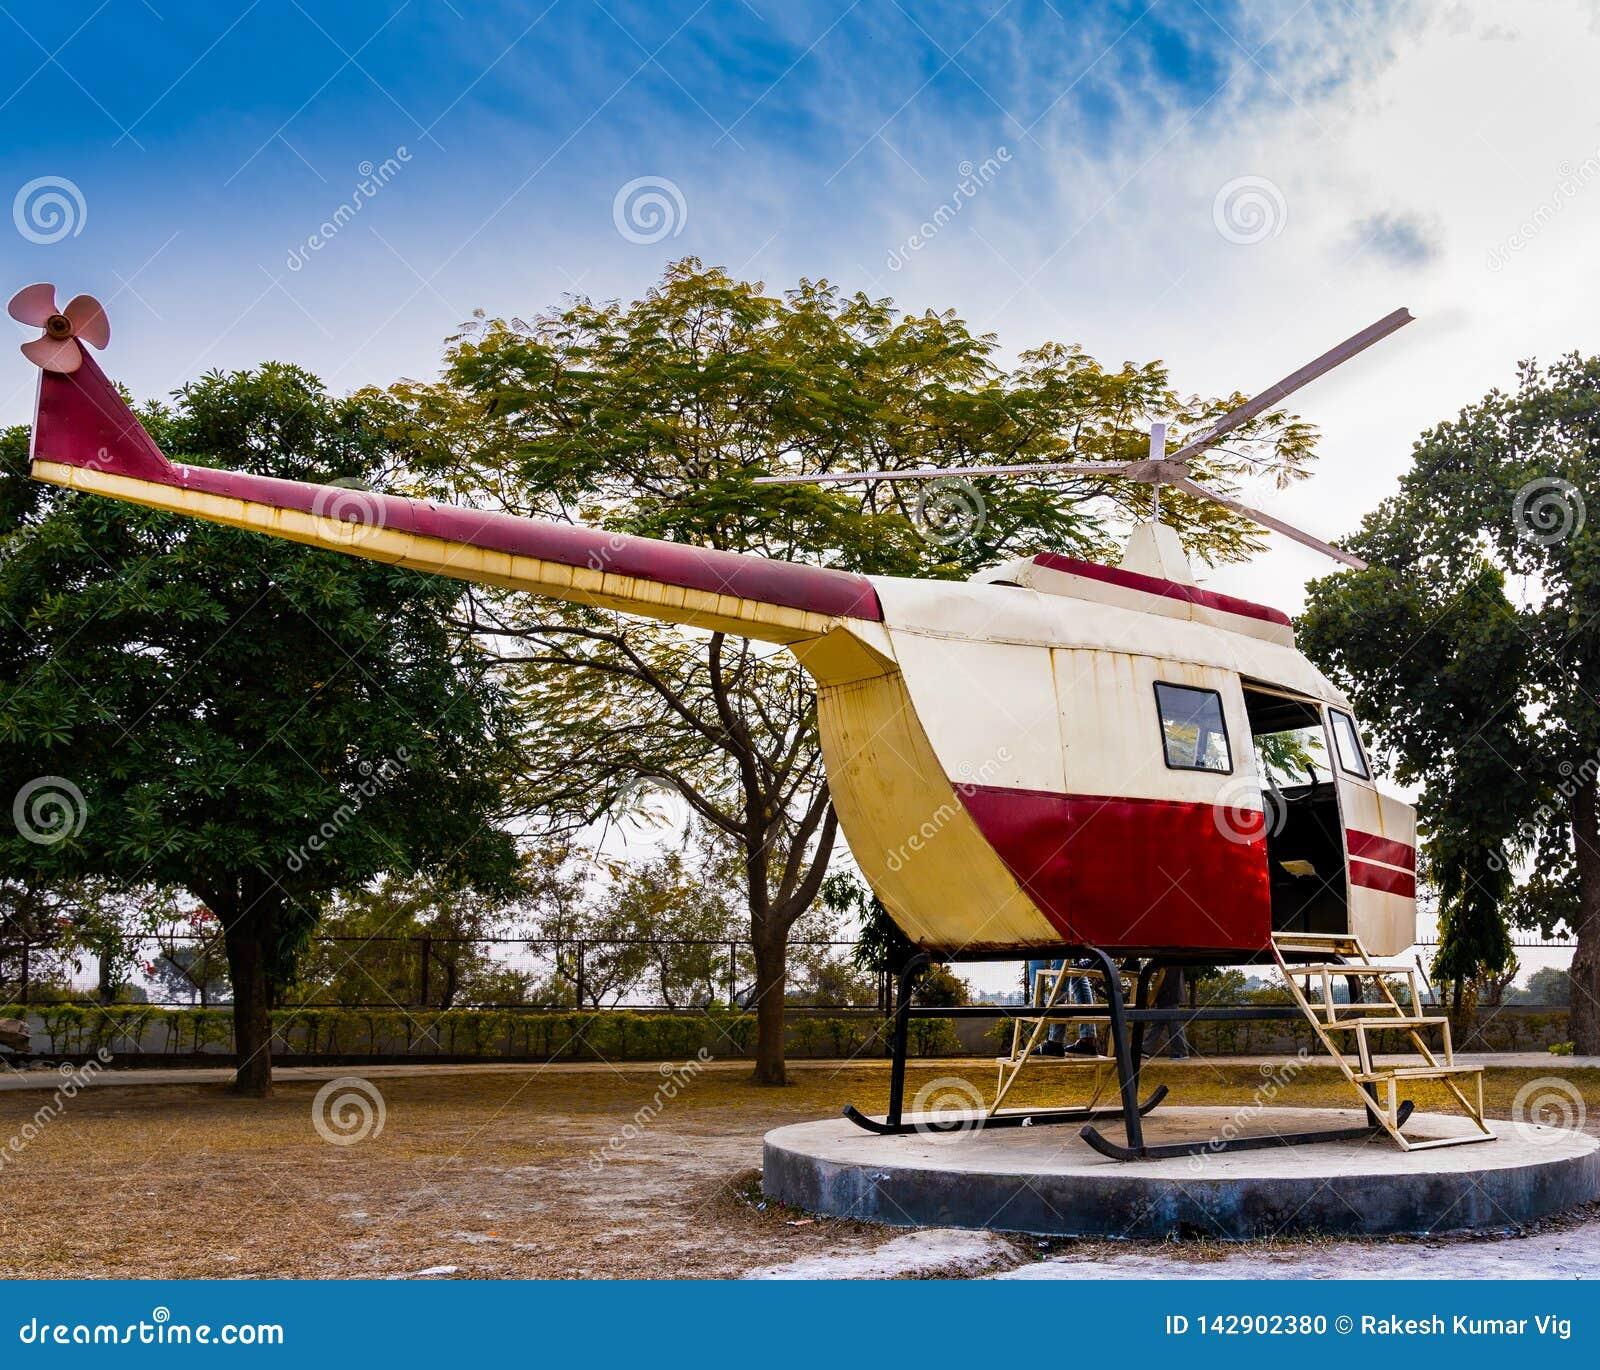 Helikopter klaar opstijgen om de schoonheid van trillende wolken te raken